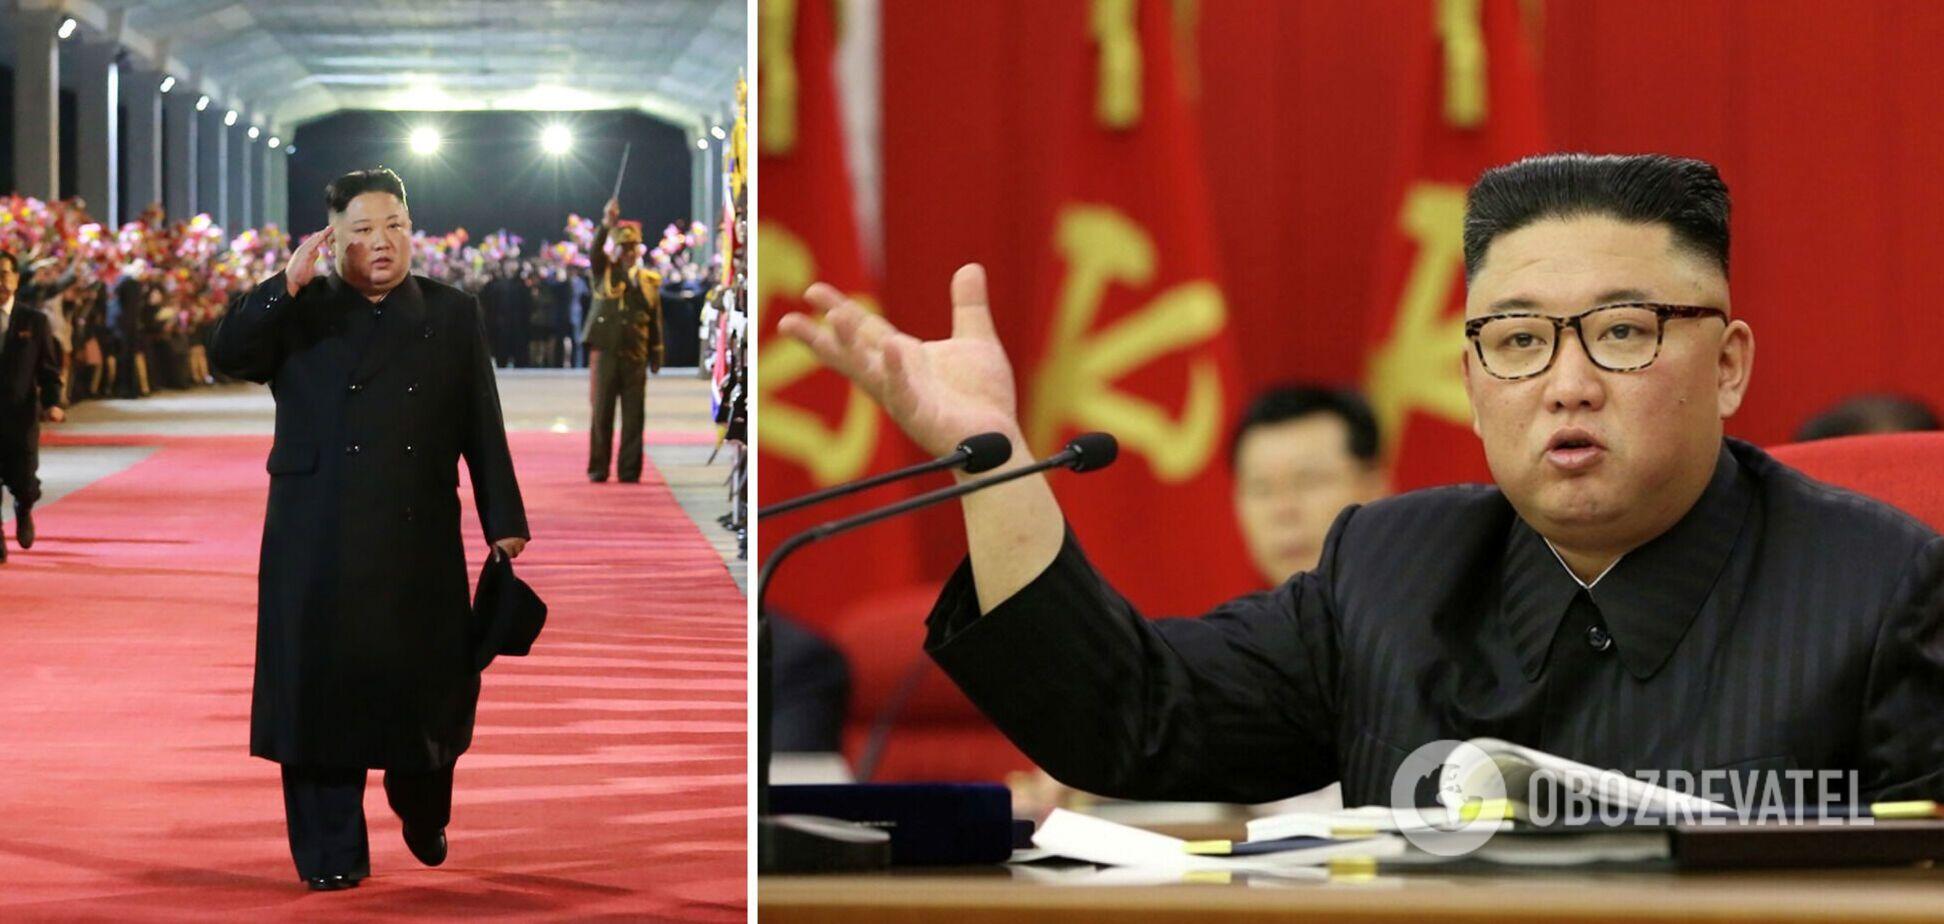 Стало відомо, чим займався лідер КНДР